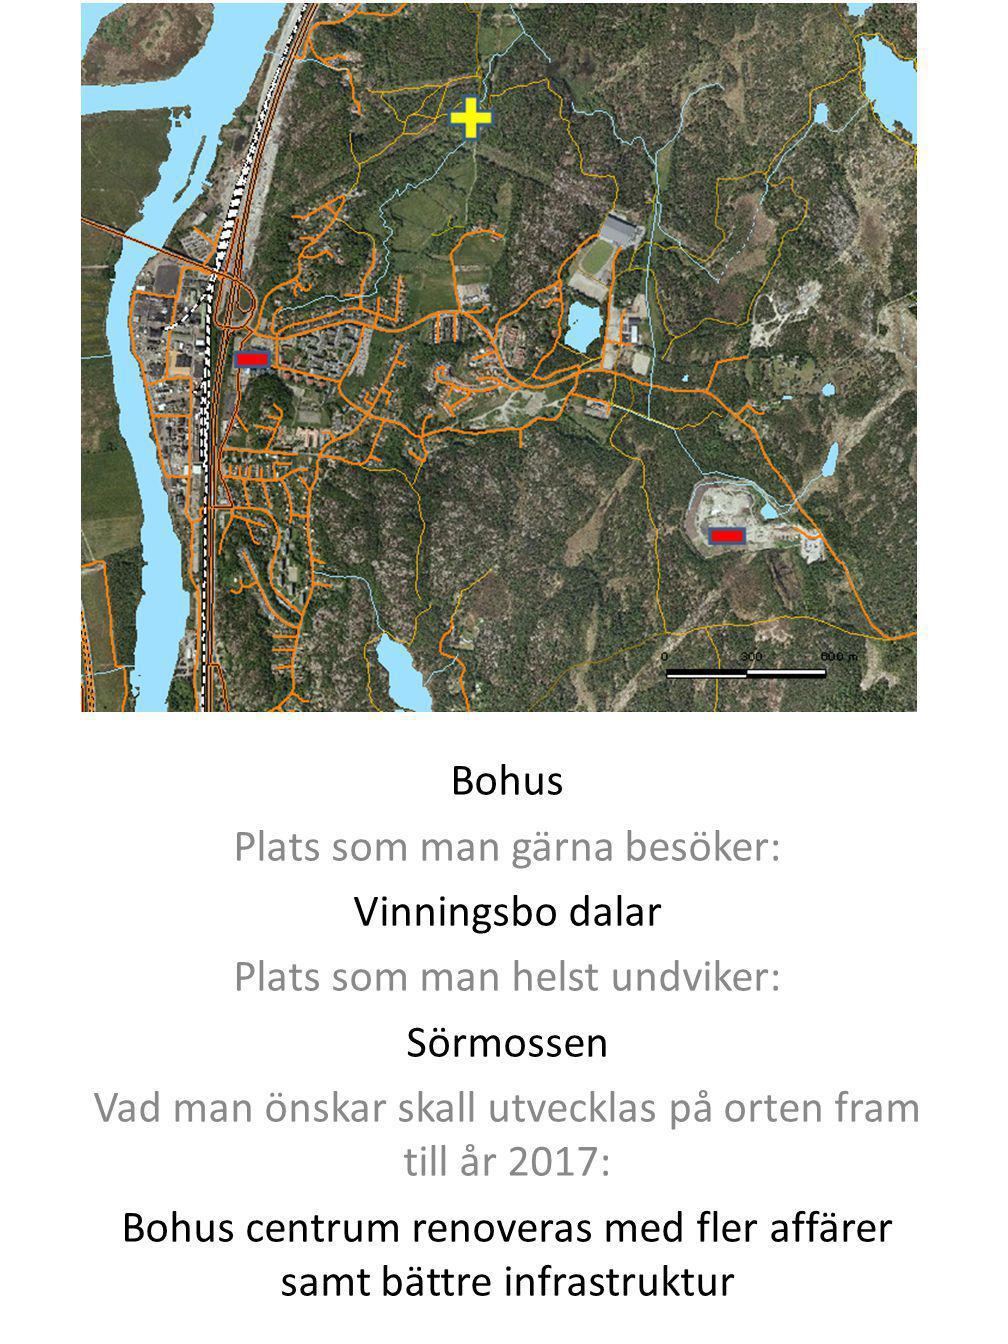 Bohus Plats som man gärna besöker: Vinningsbo dalar Plats som man helst undviker: Sörmossen Vad man önskar skall utvecklas på orten fram till år 2017: